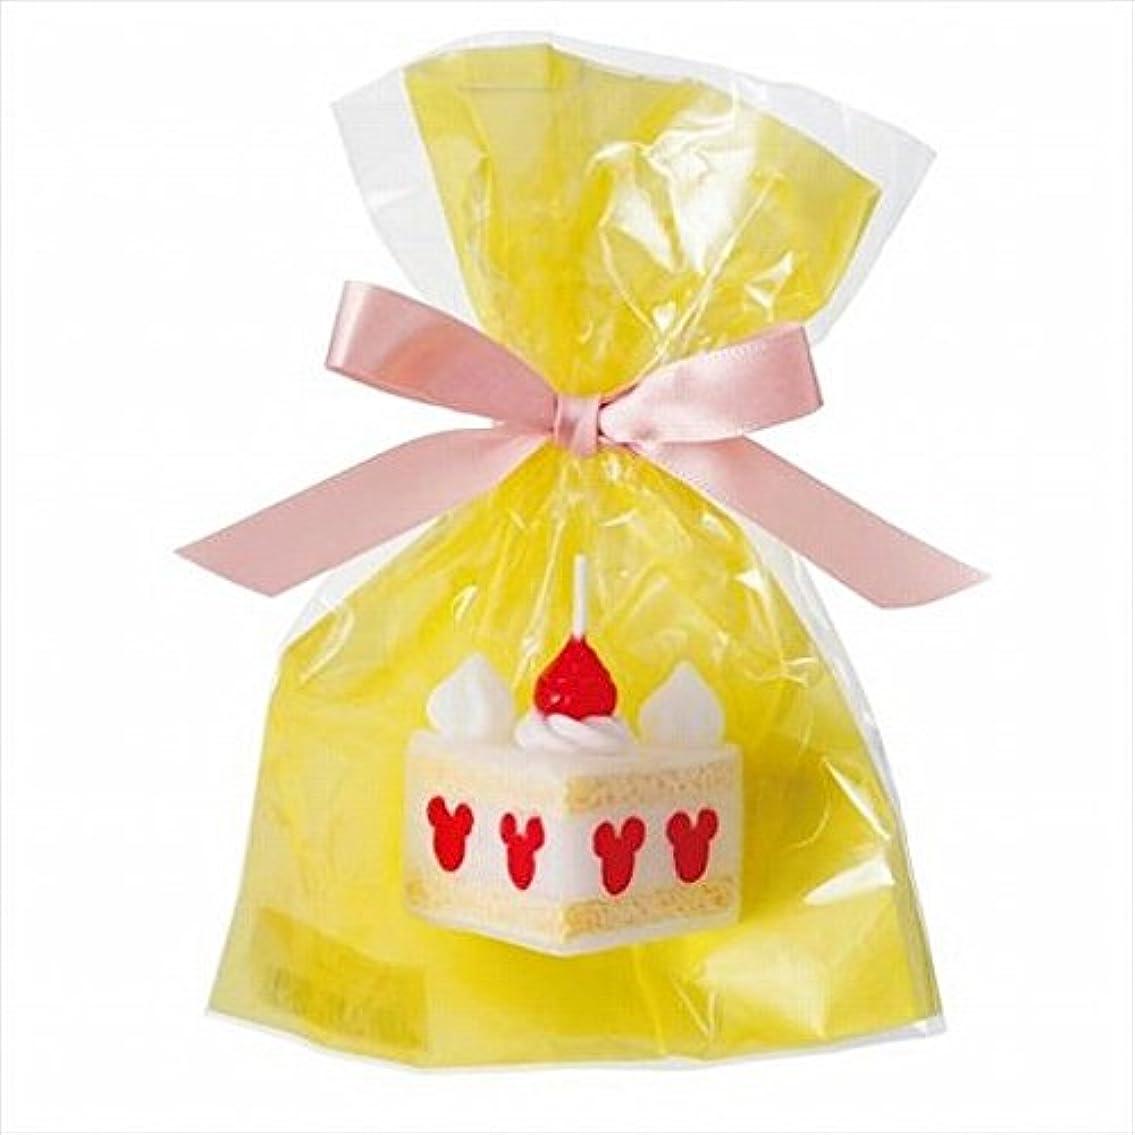 繕うレギュラー名詞sweets candle(スイーツキャンドル) ディズニースイーツキャンドル 「 ショートケーキ 」 キャンドル 43x32x40mm (A4350010)